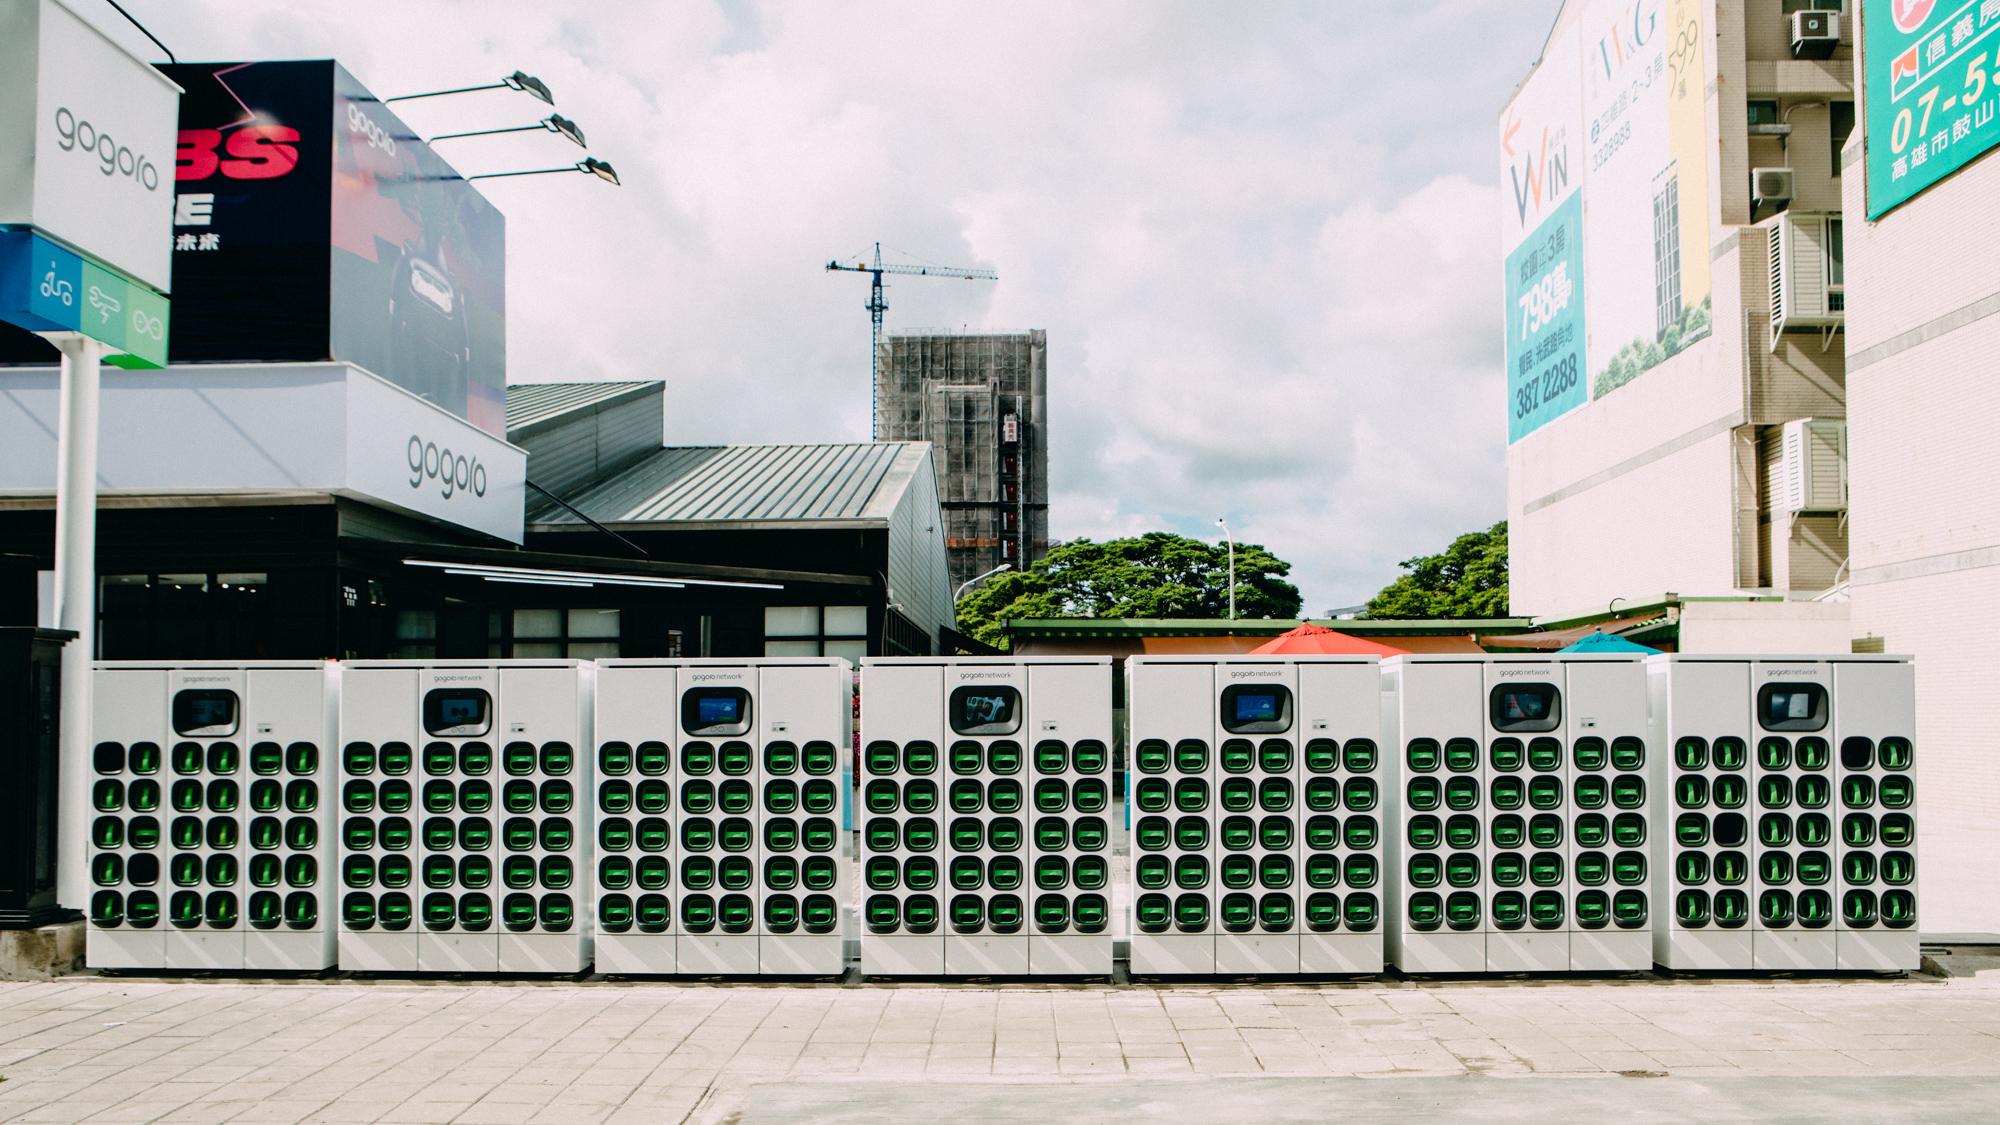 這裡有 200 顆電池可換!Gogoro 高雄鼓山青海門市全新開幕